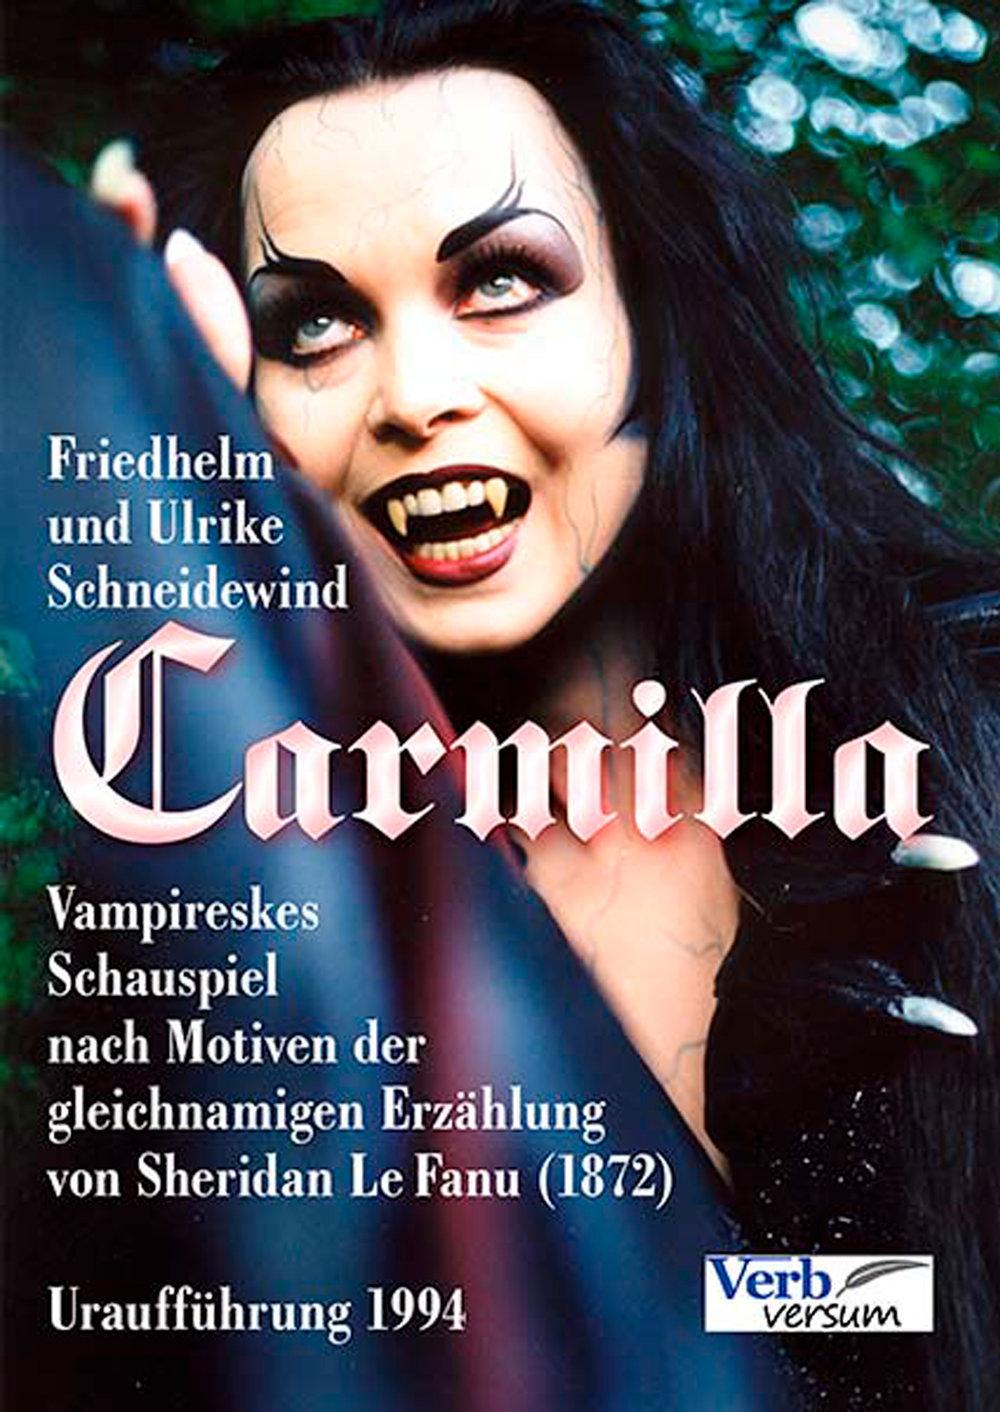 Carmilla-Vampireskes-Schauspiel_2500.jpg